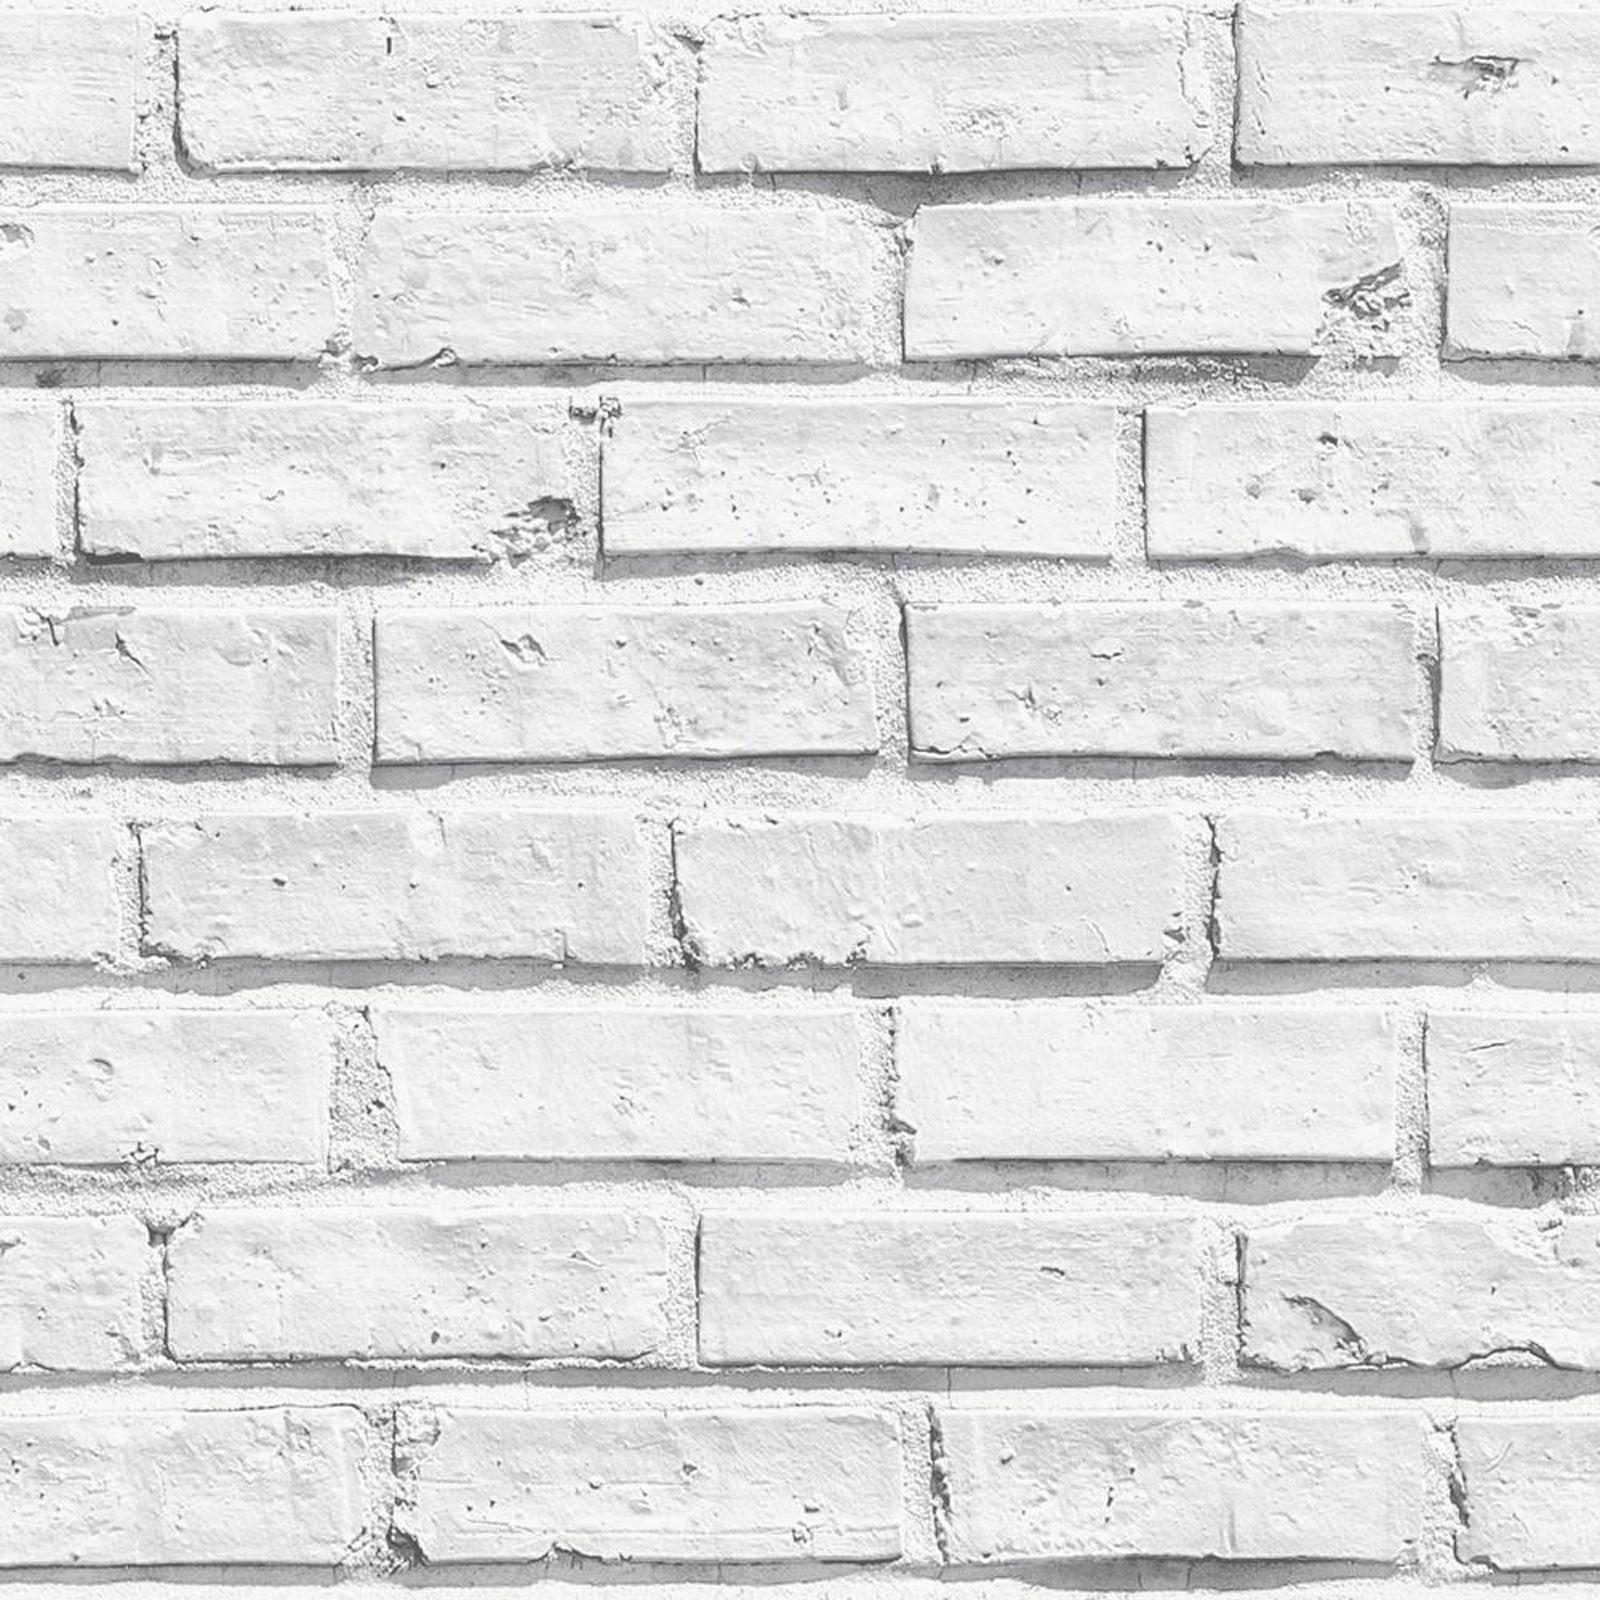 blanco efecto de ladrillo pintado 5 estilos caracterstica de la pared nuevo p p libre - Pared Ladrillo Blanco